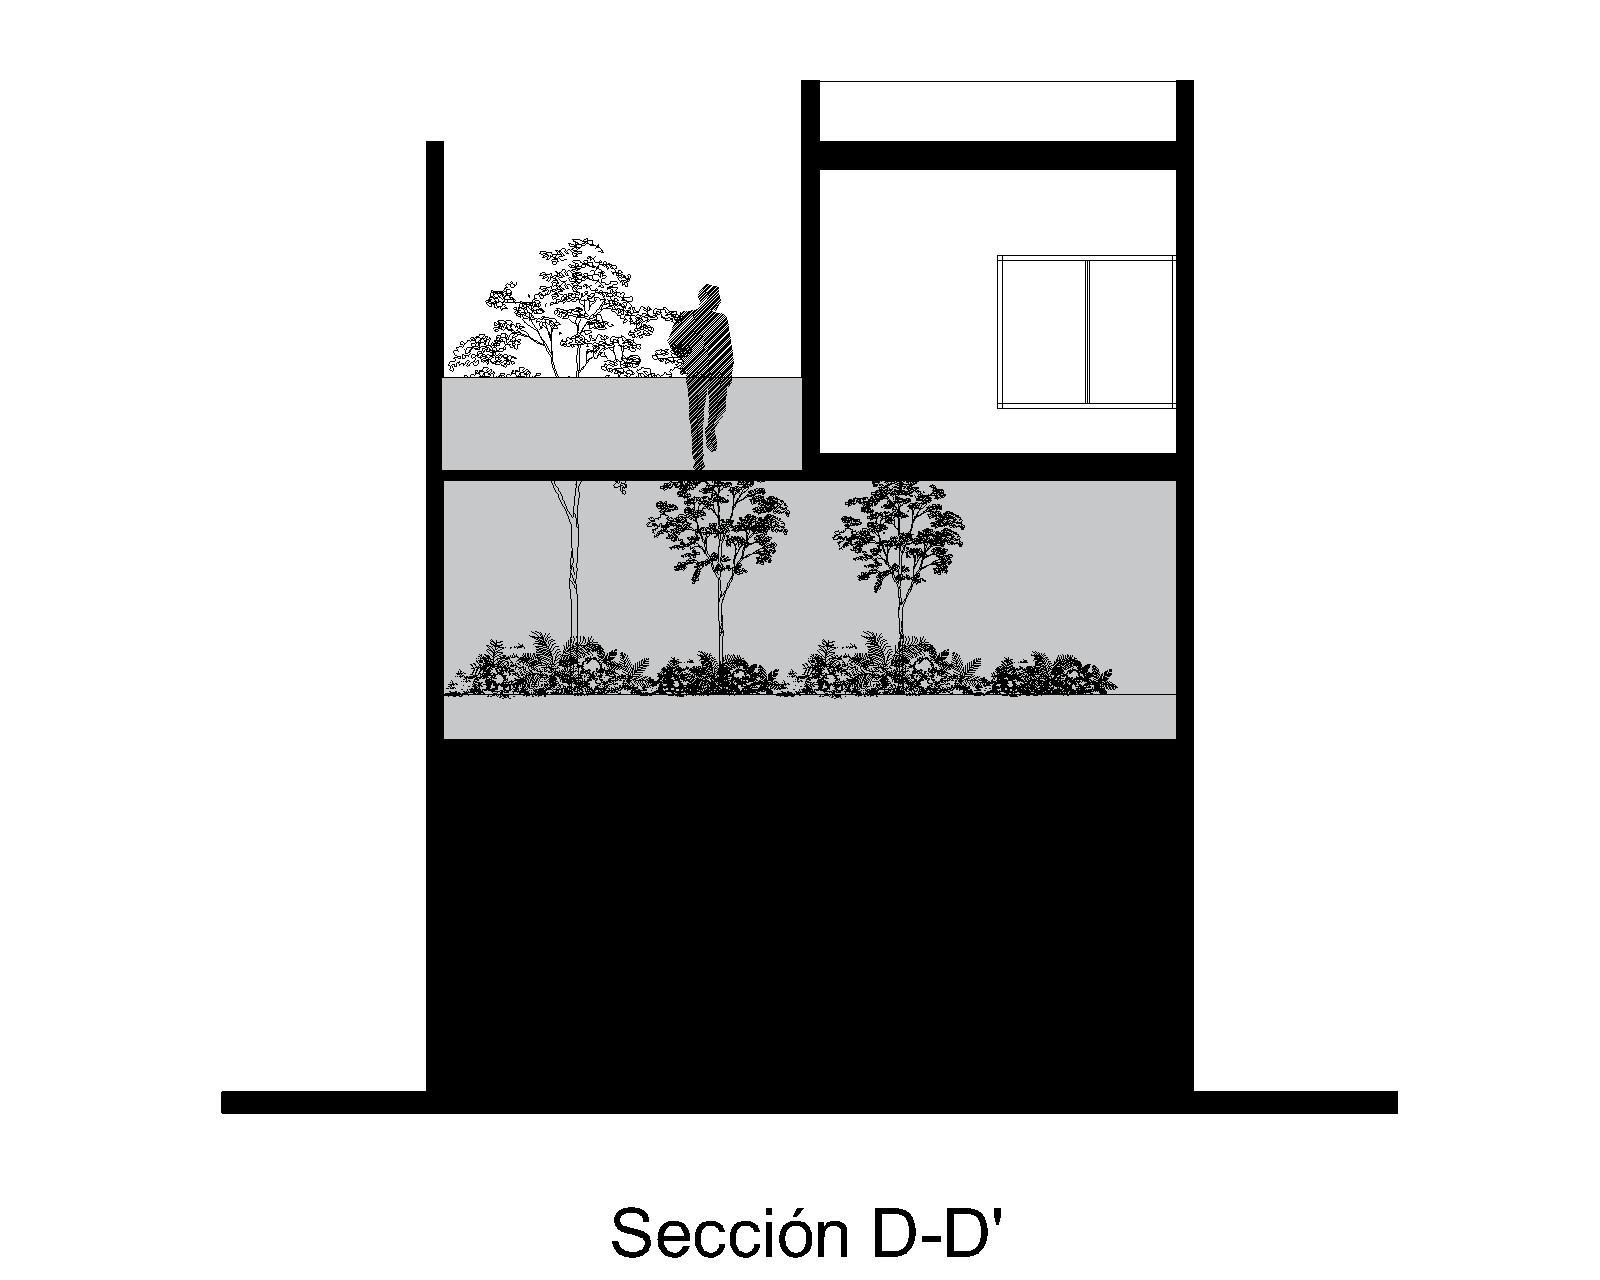 SECCIÓN D-D'